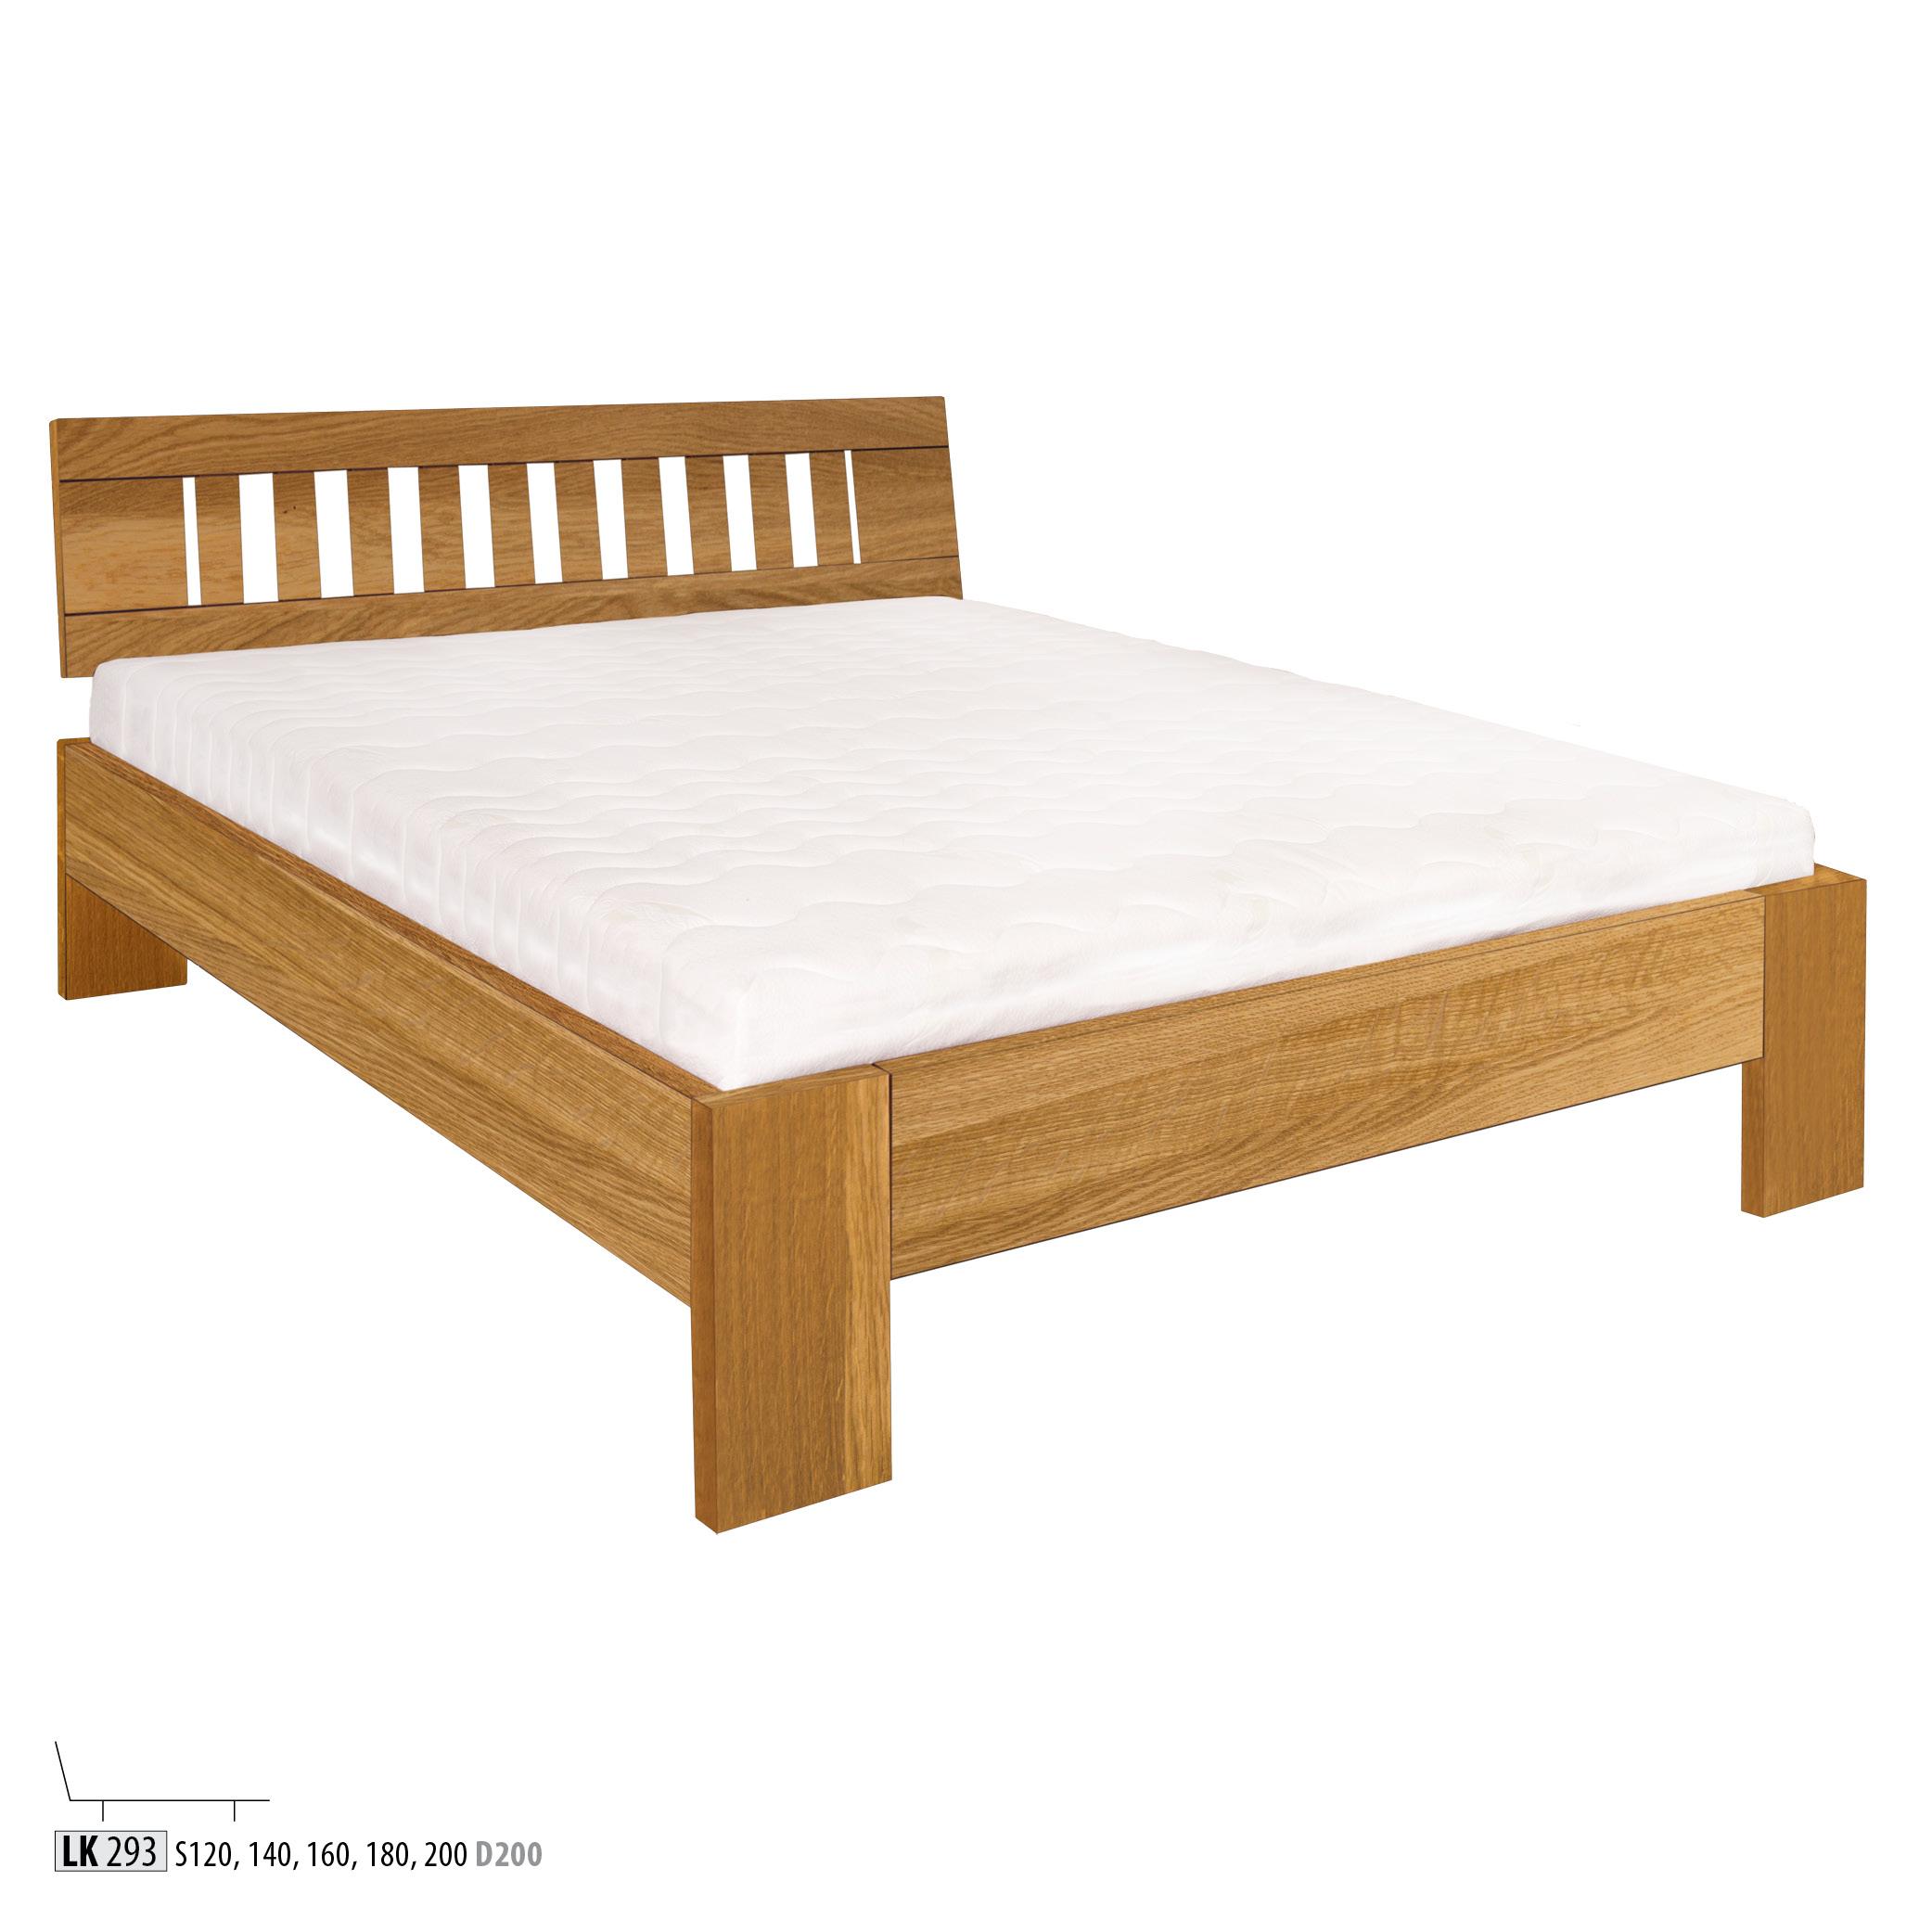 Łóżko dębowe - LK283 - LK293